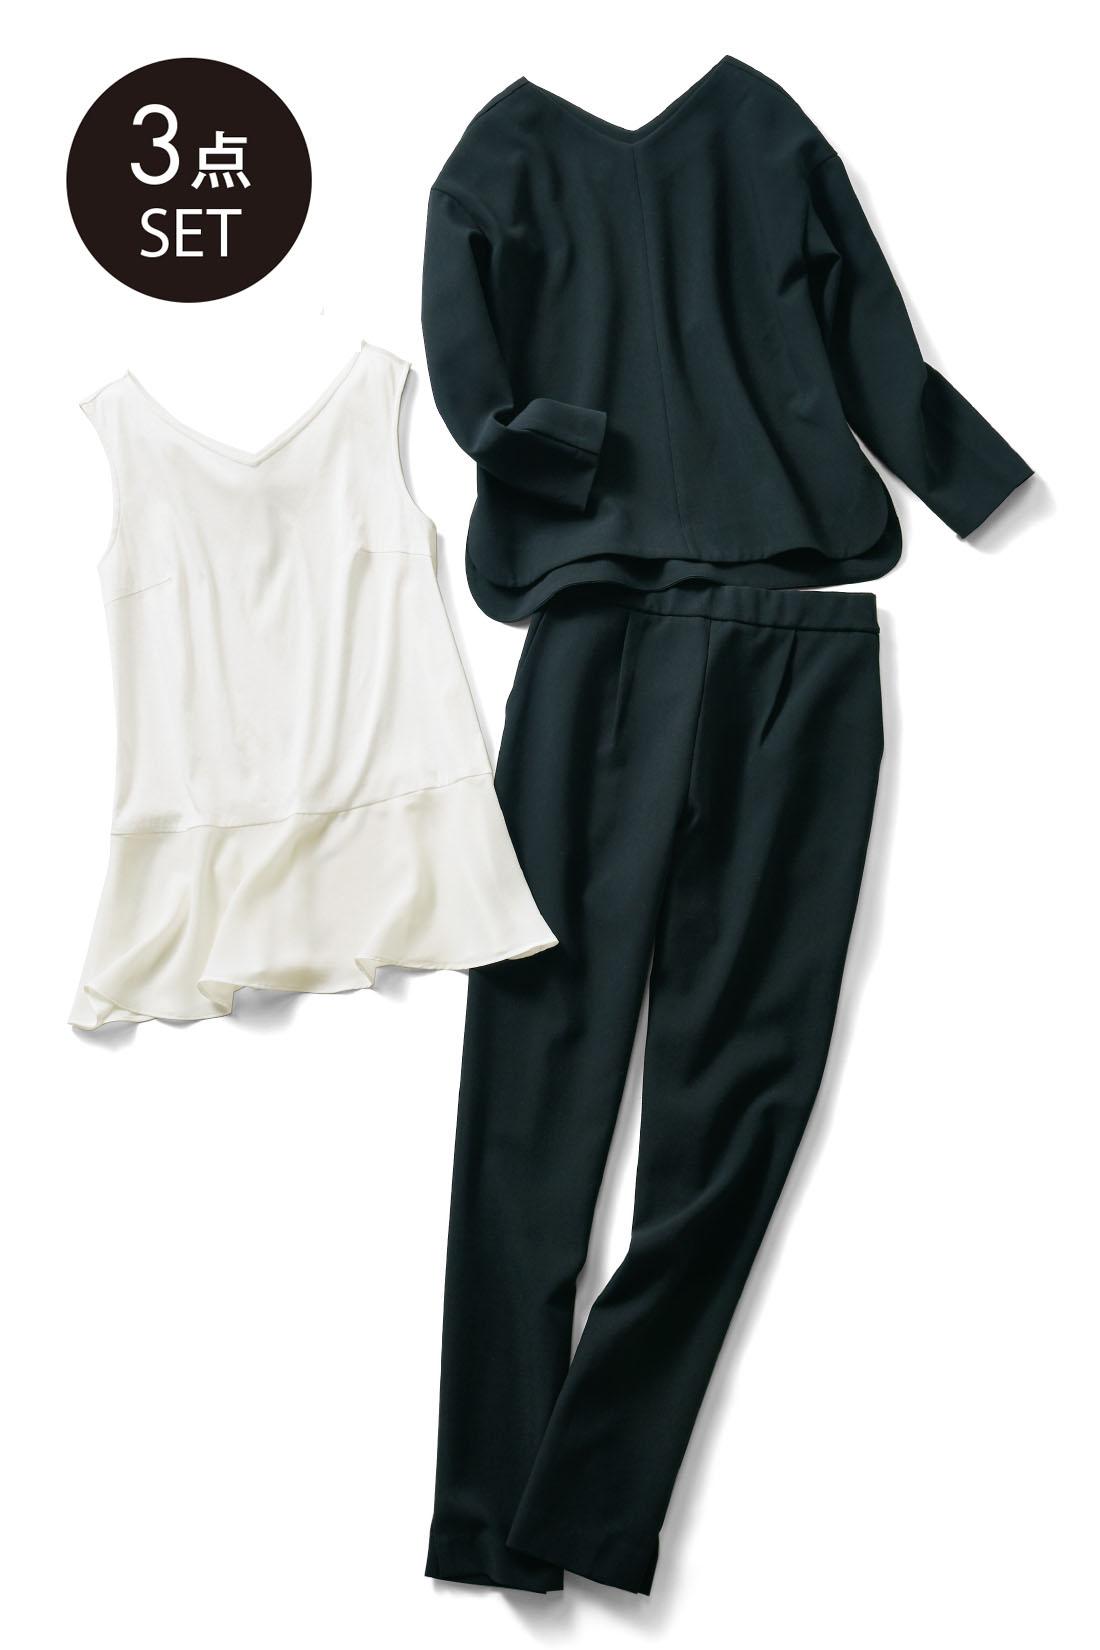 Set up で! 届いたままを着るだけでOKのベストバランス。合わせるアイテムで雰囲気を変えて幅広く着こなして。